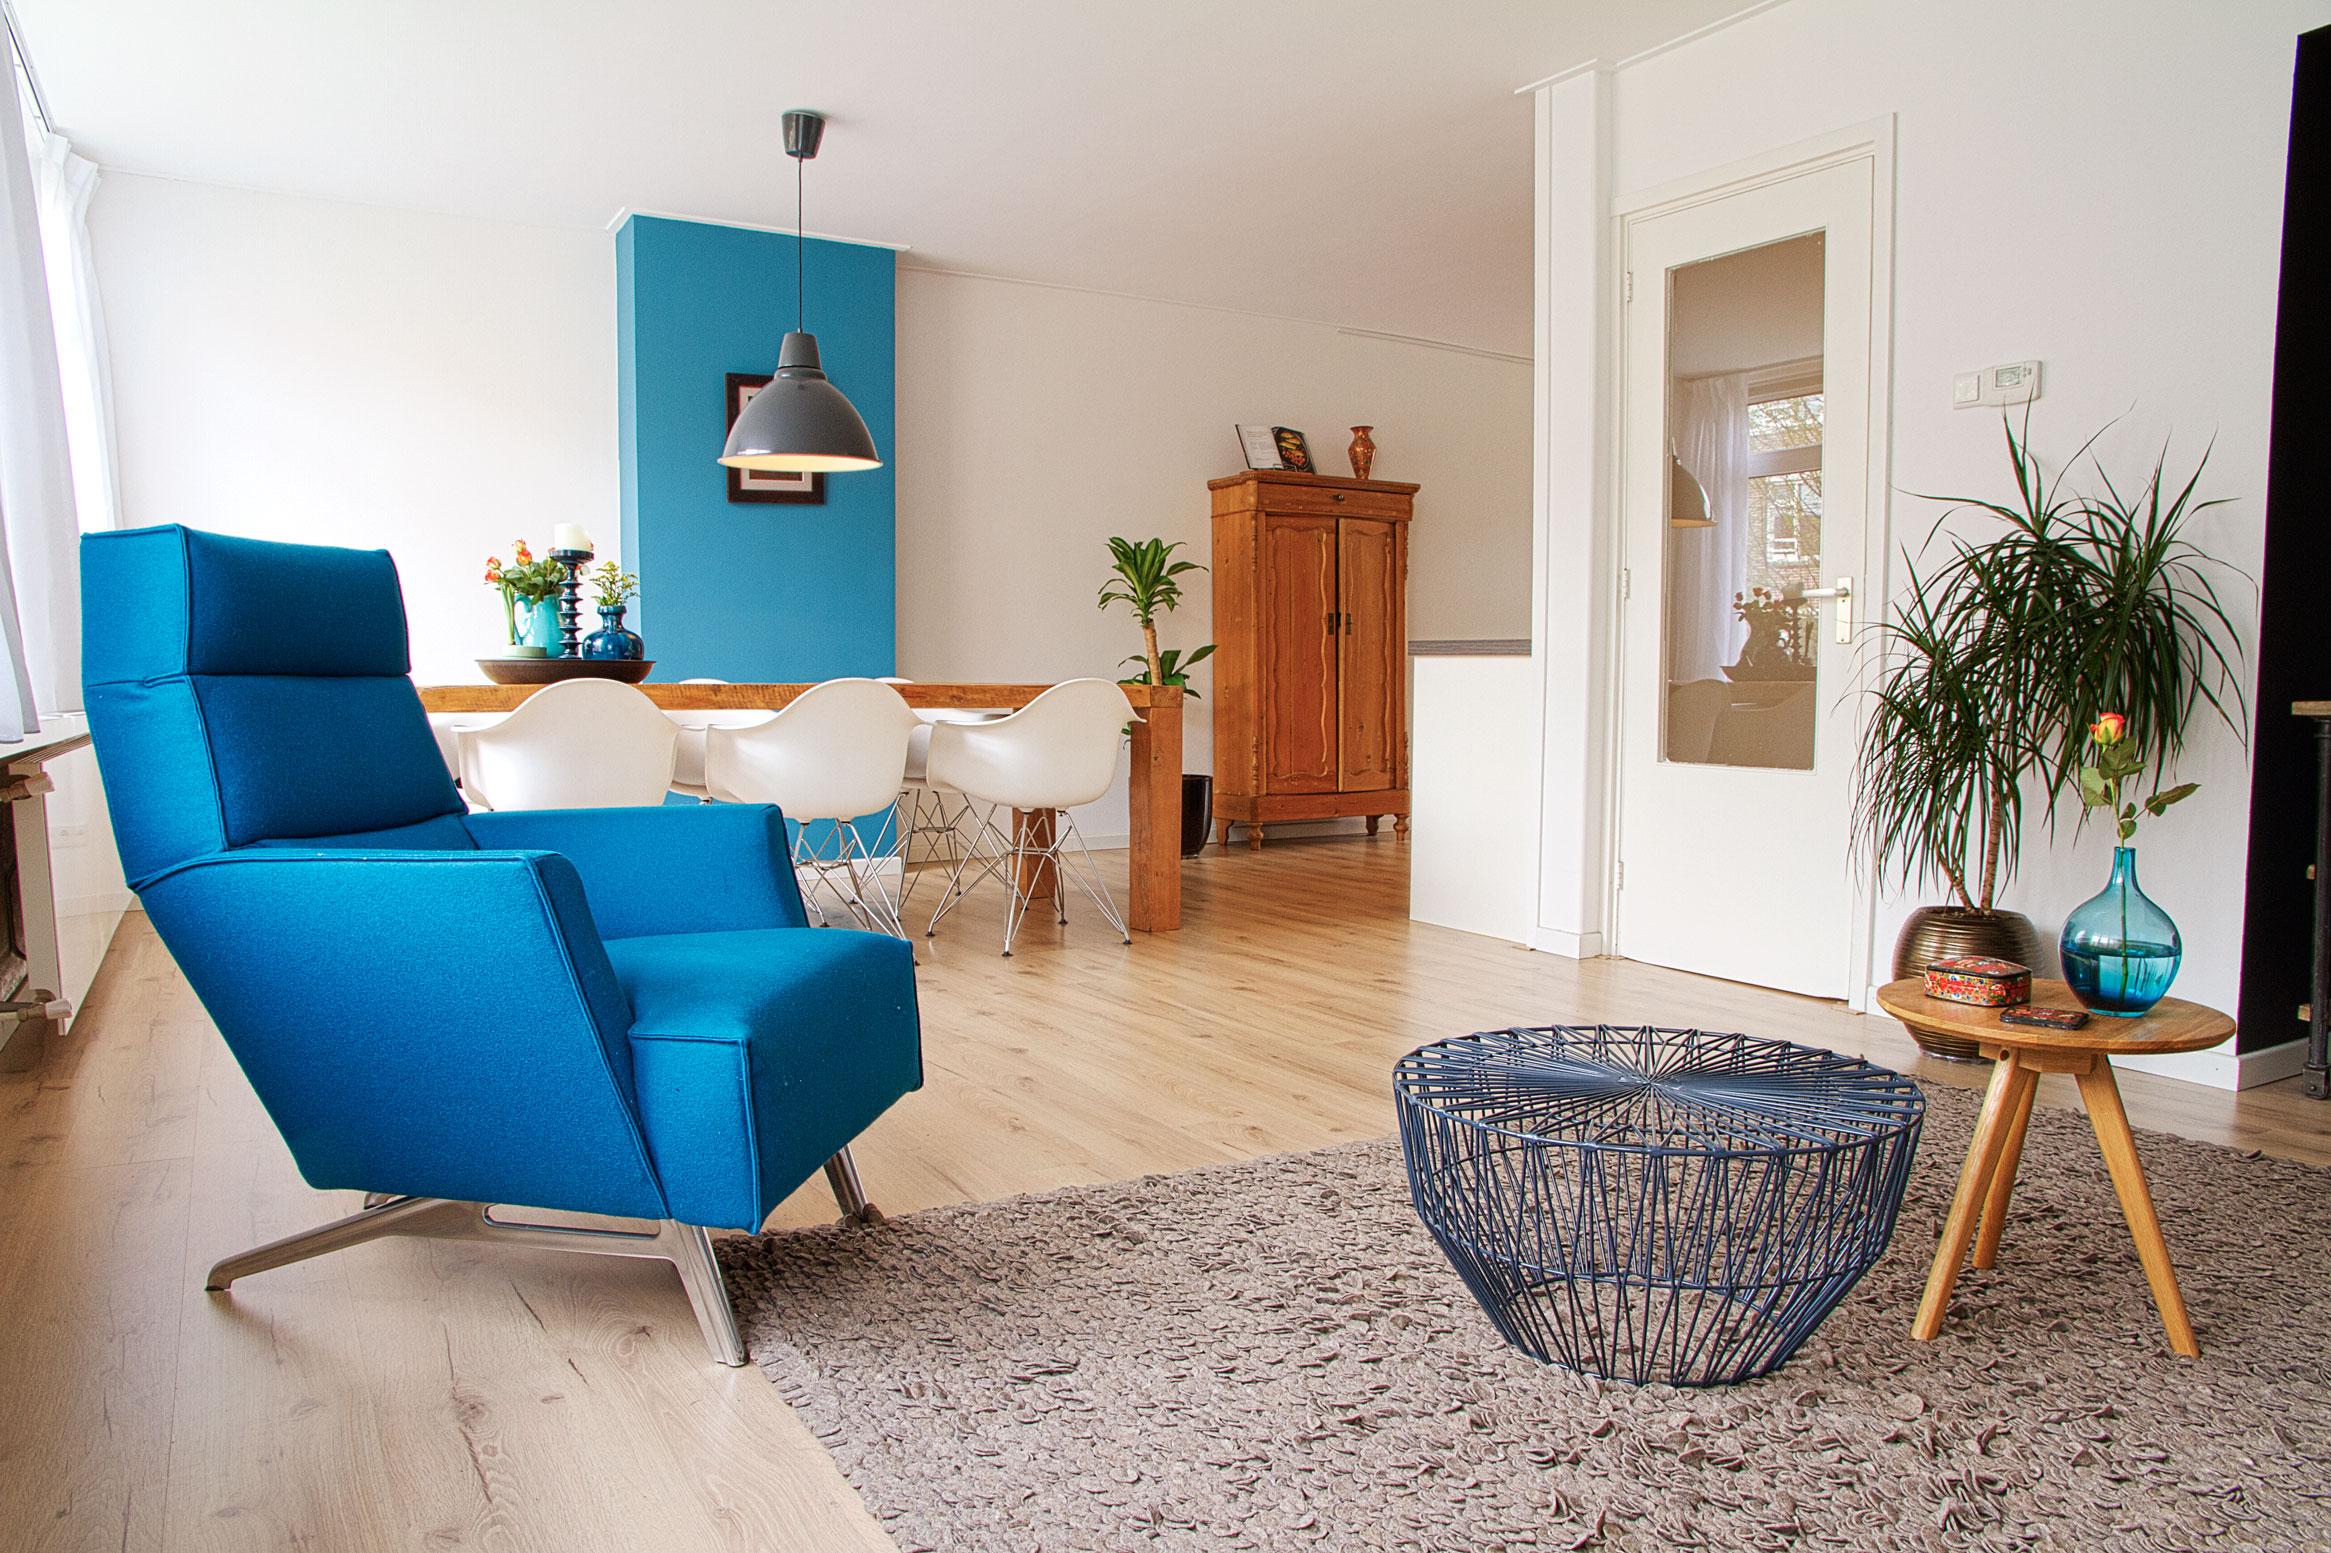 Как сделать недорогой ремонт в однокомнатной квартире? (58 фото)